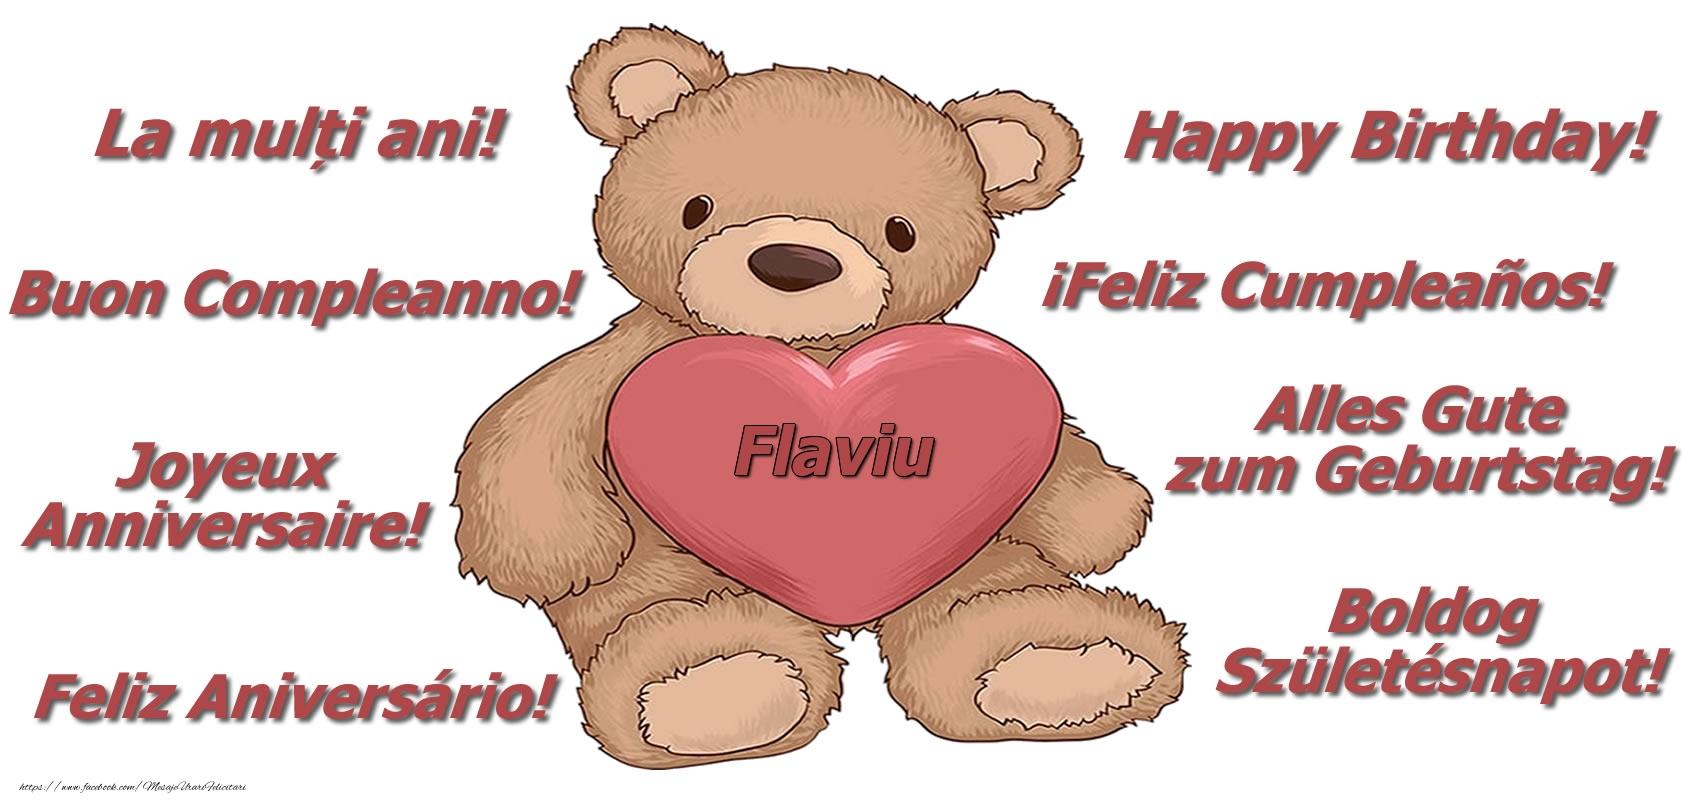 Felicitari de zi de nastere - La multi ani Flaviu! - Ursulet